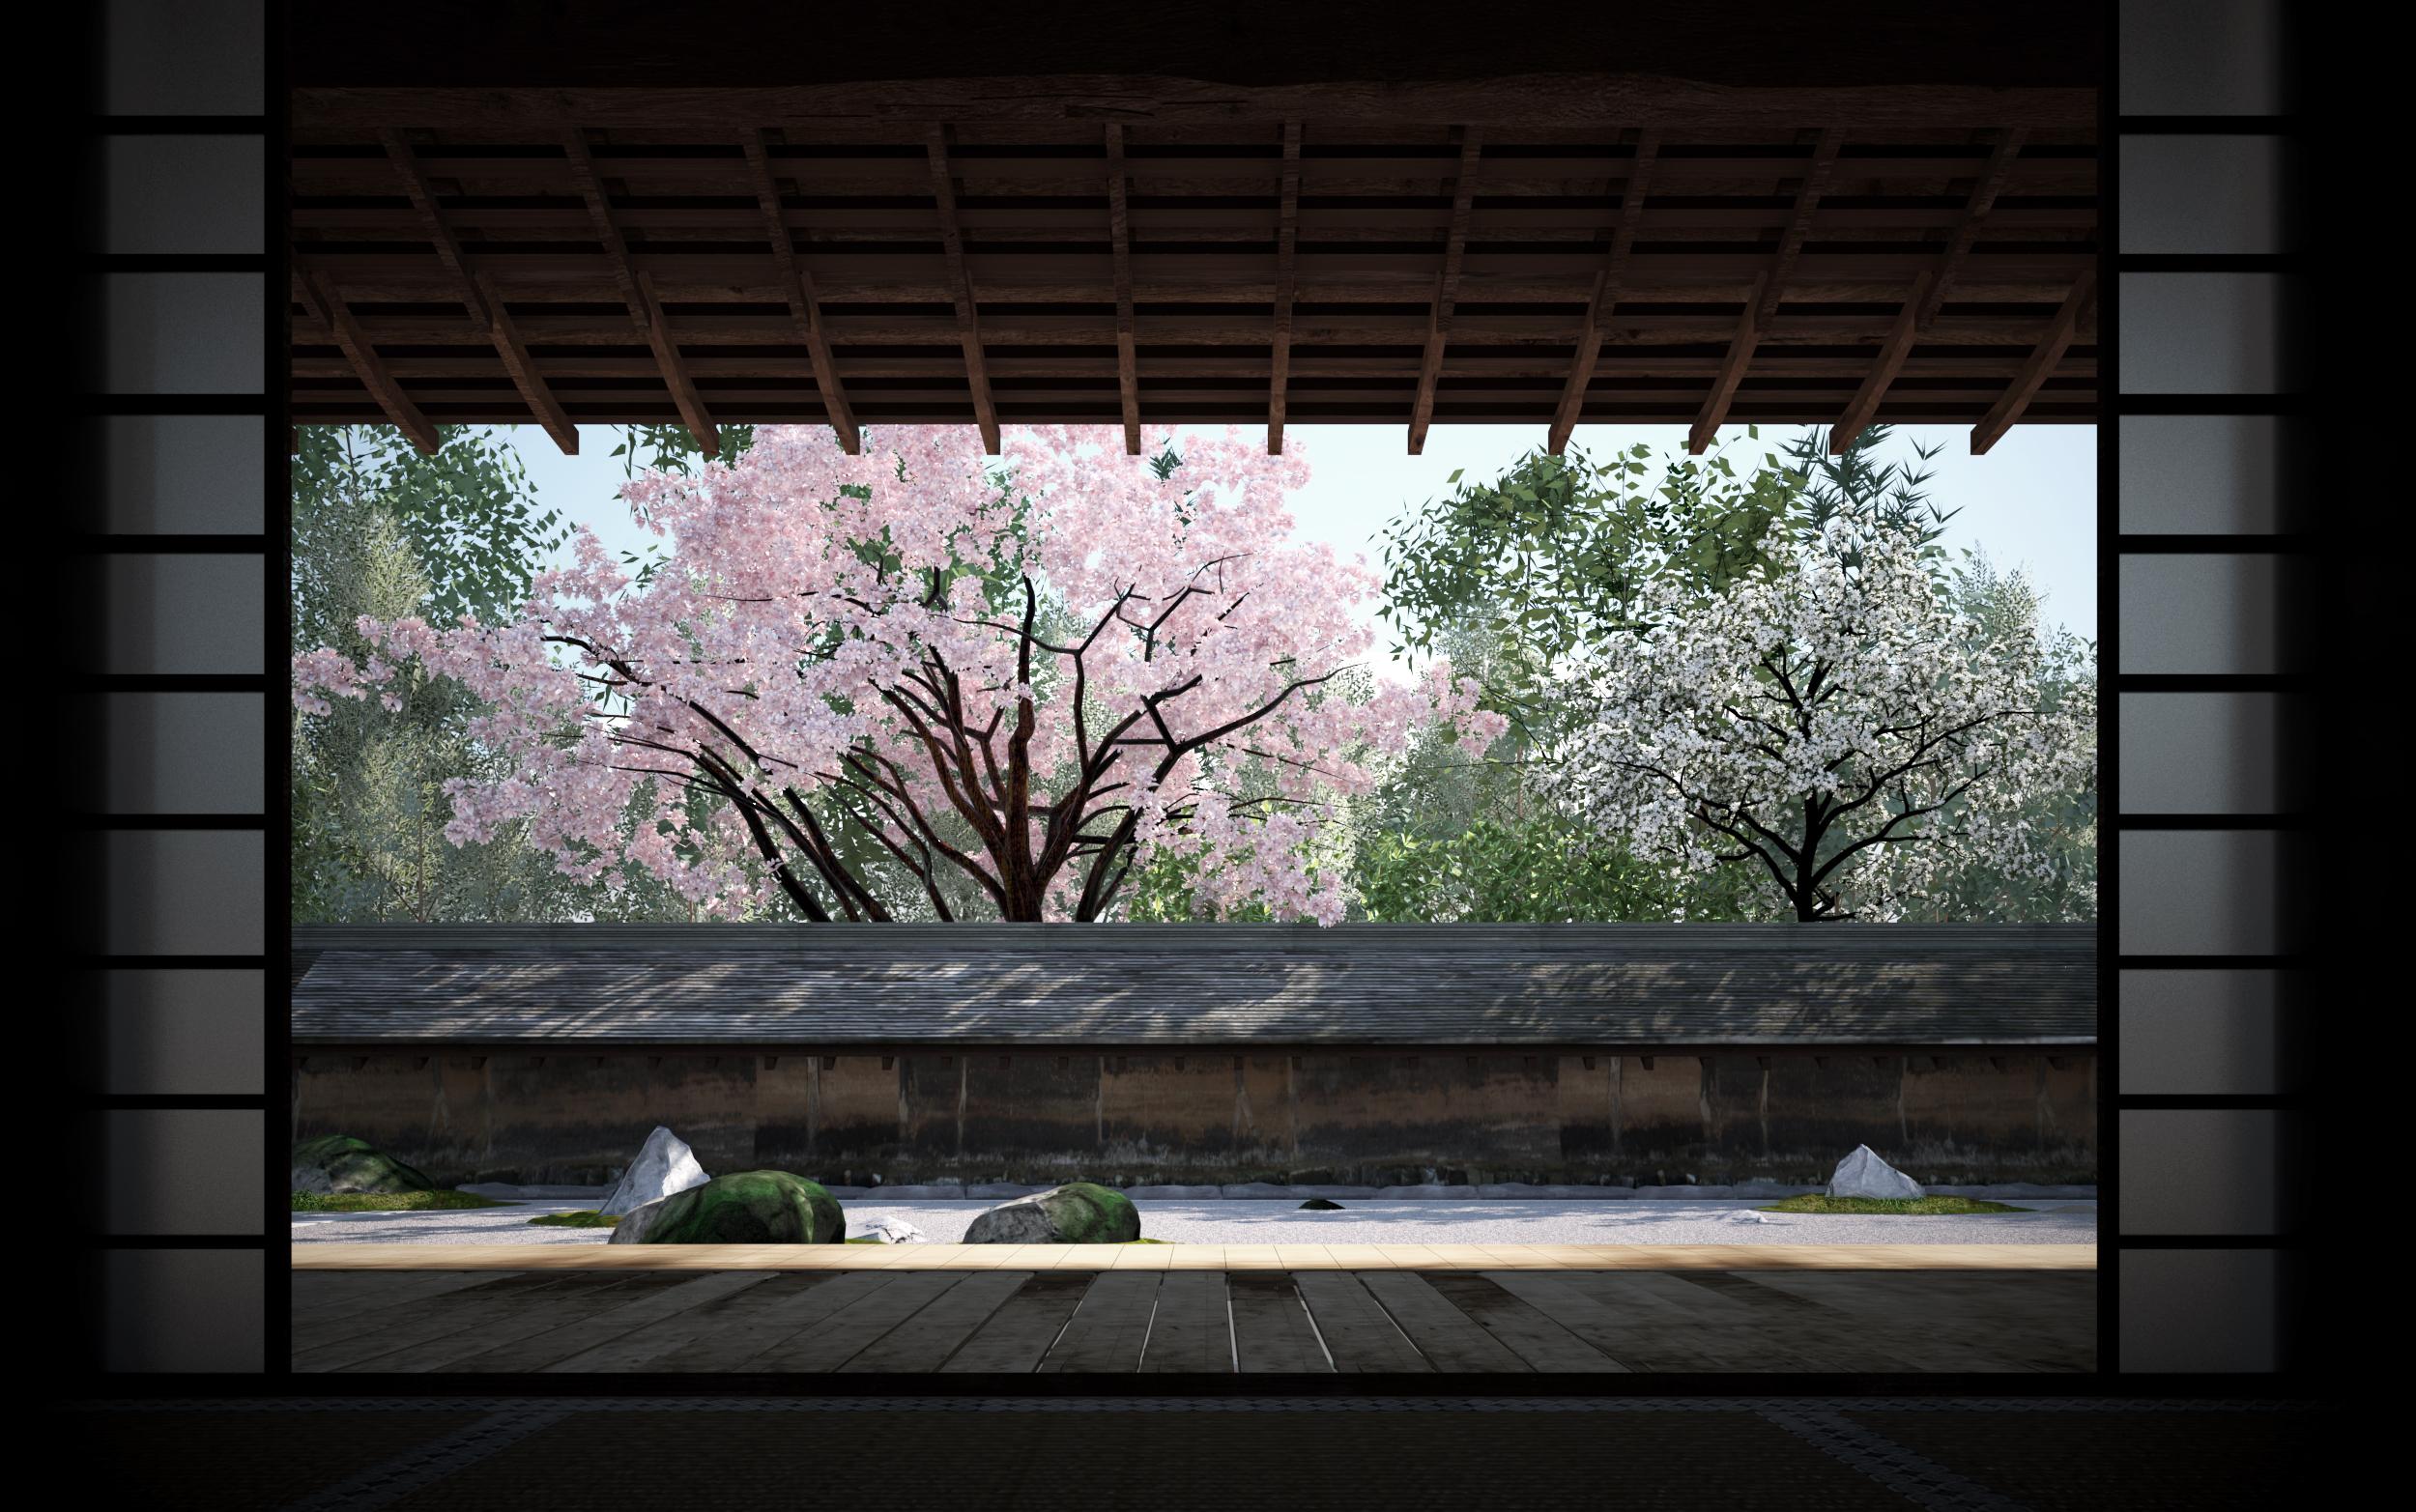 jardín2